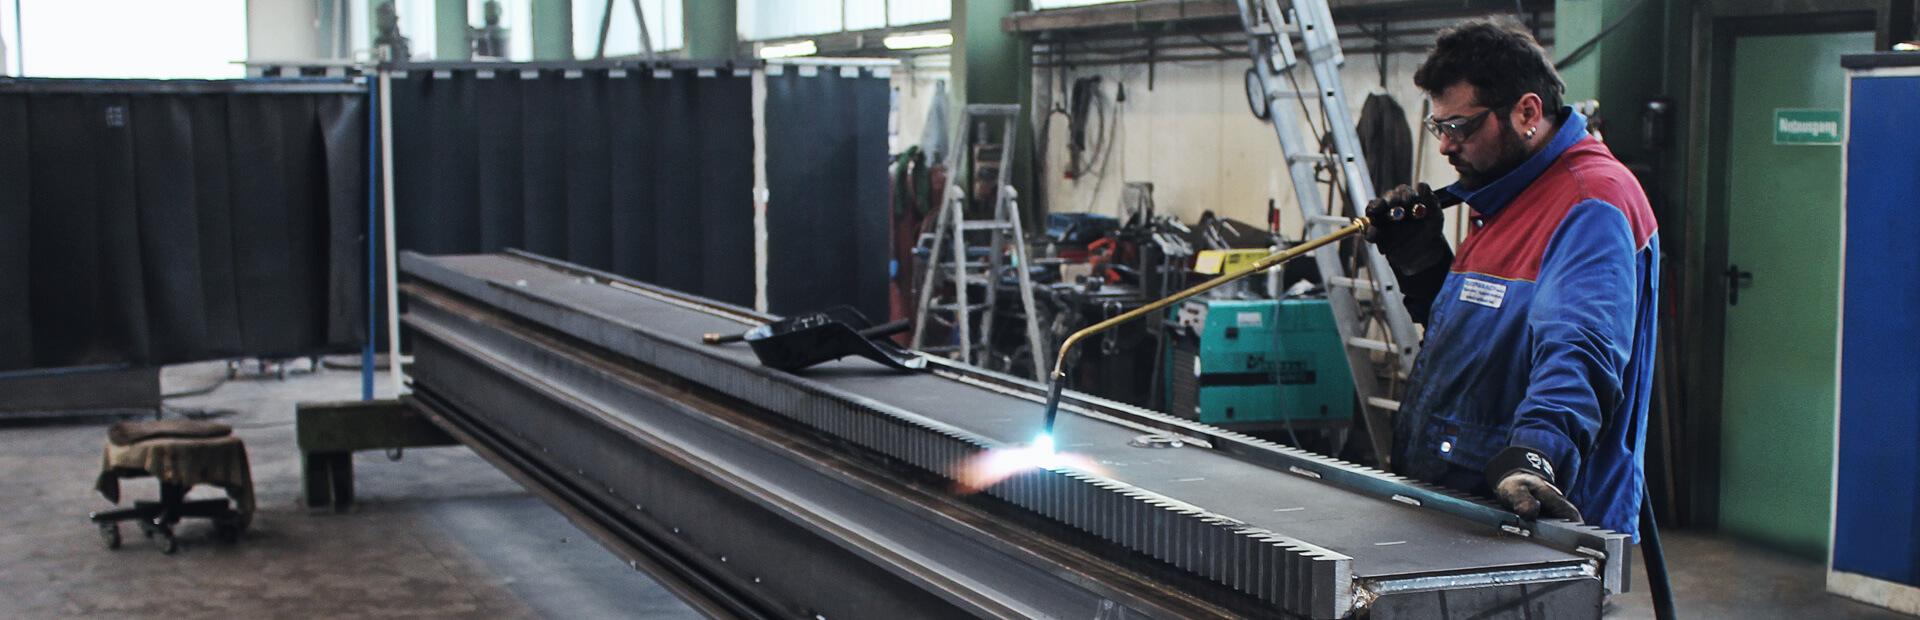 Maschinenbau, Schweißkonstruktionen, Schweißarbeiten